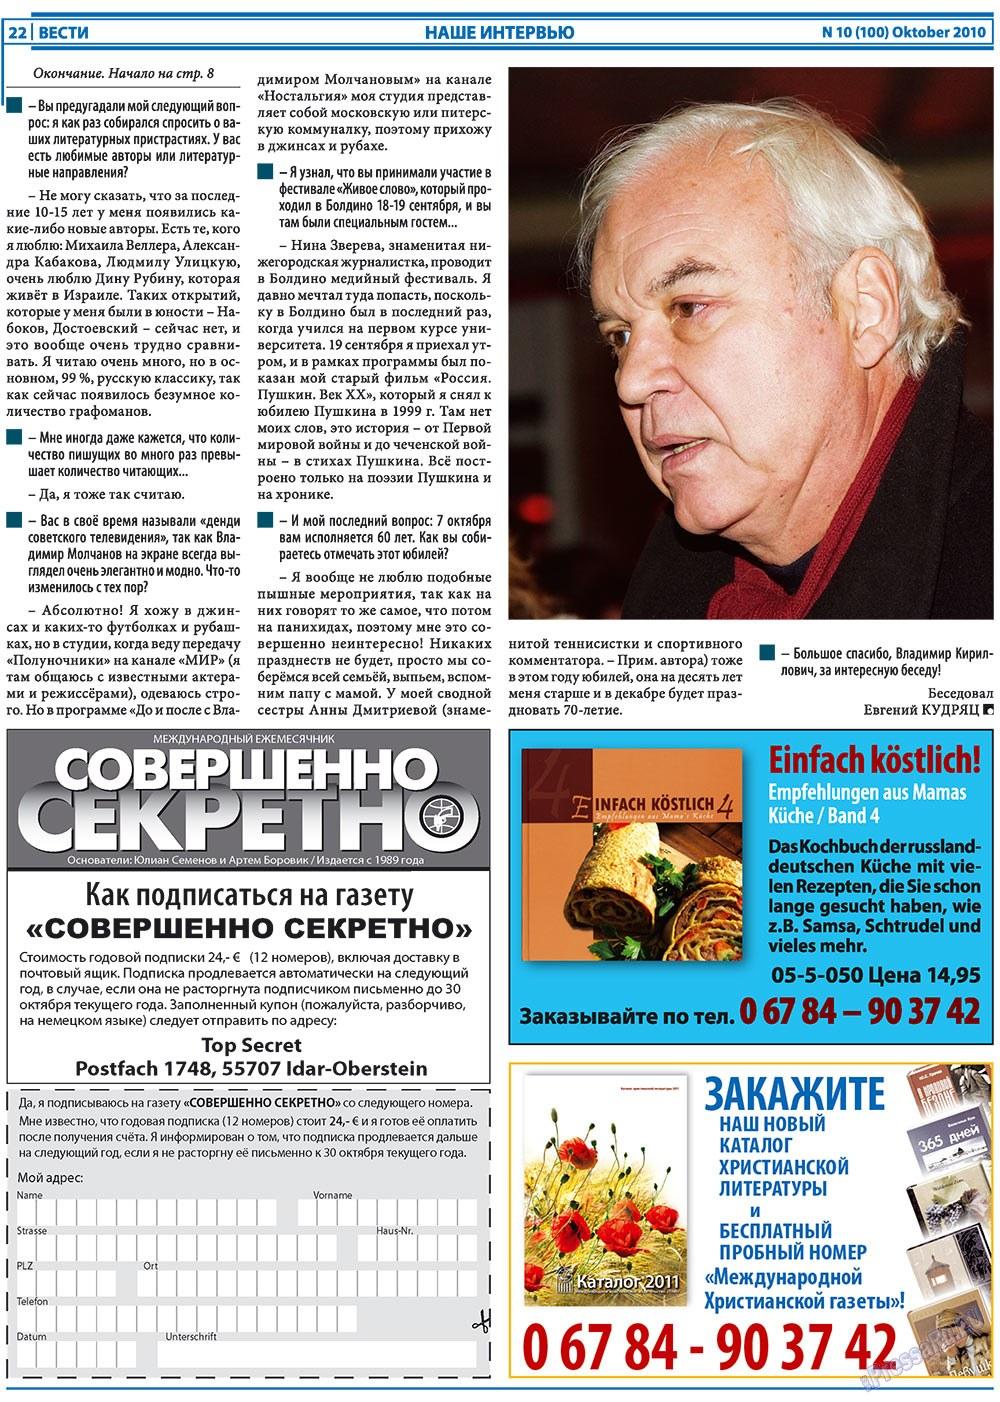 Вести (газета). 2010 год, номер 10, стр. 22